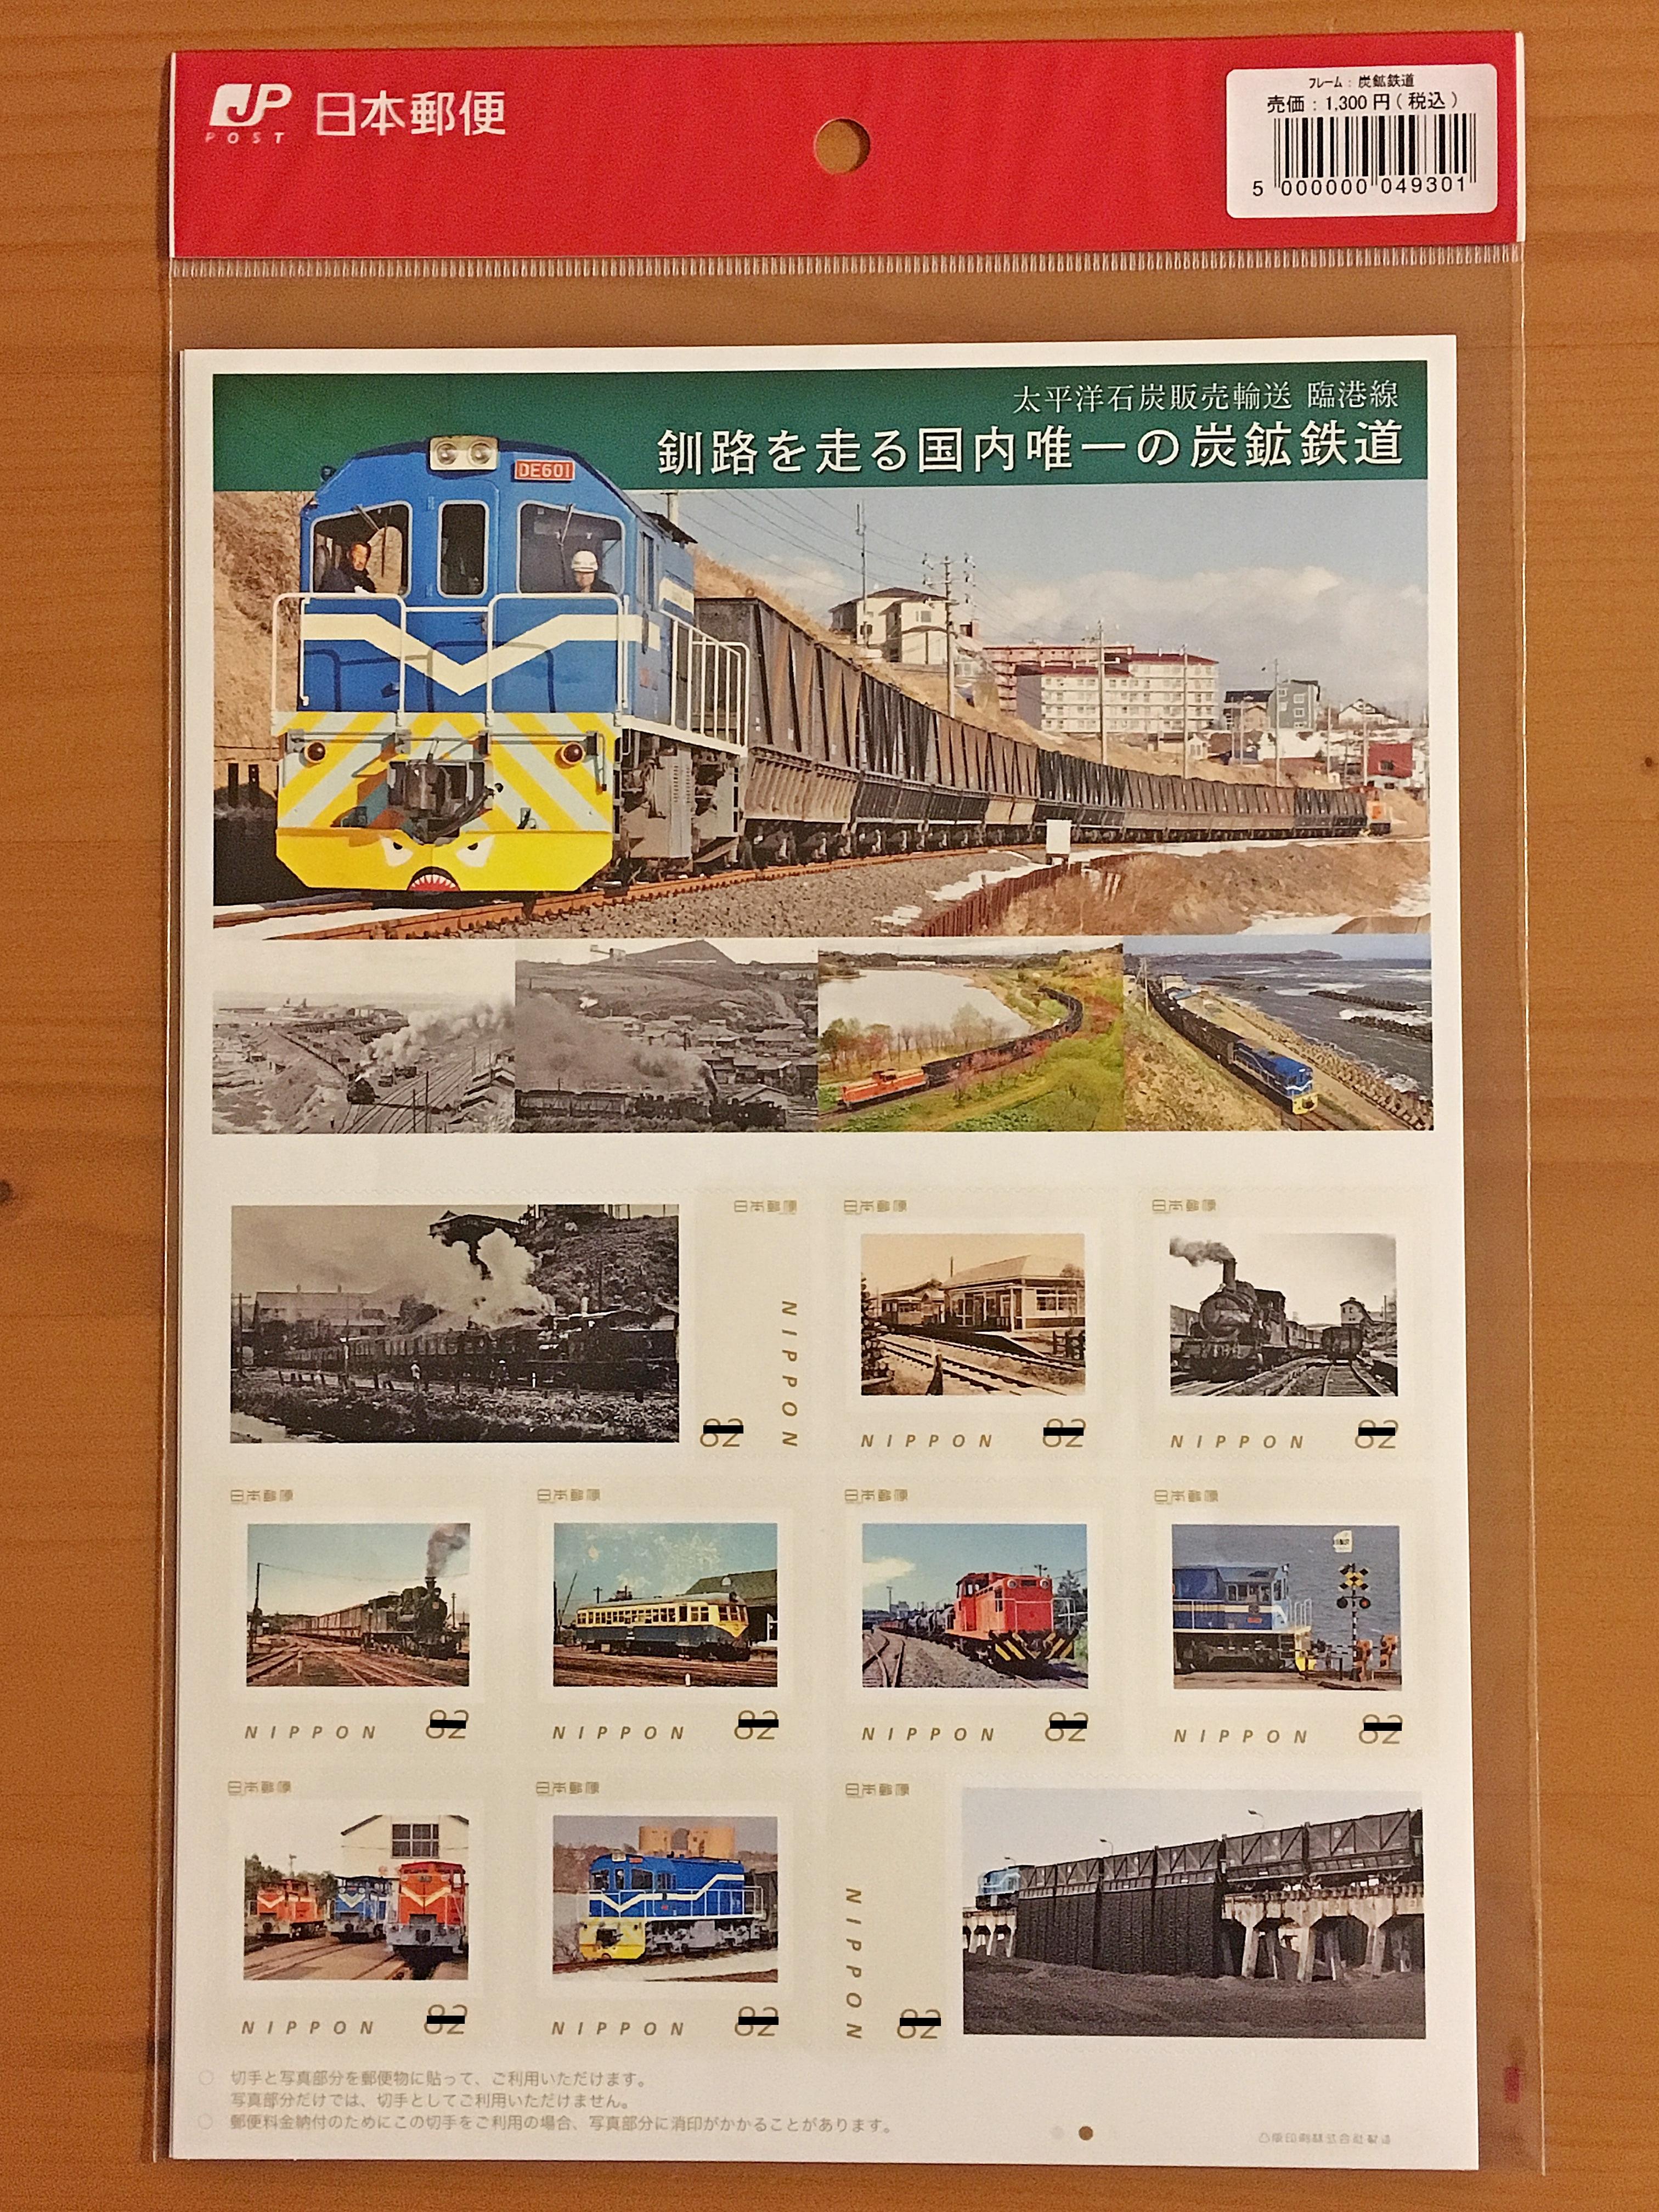 釧路を走る国内唯一の炭砿鉄道フレーム切手.JPG